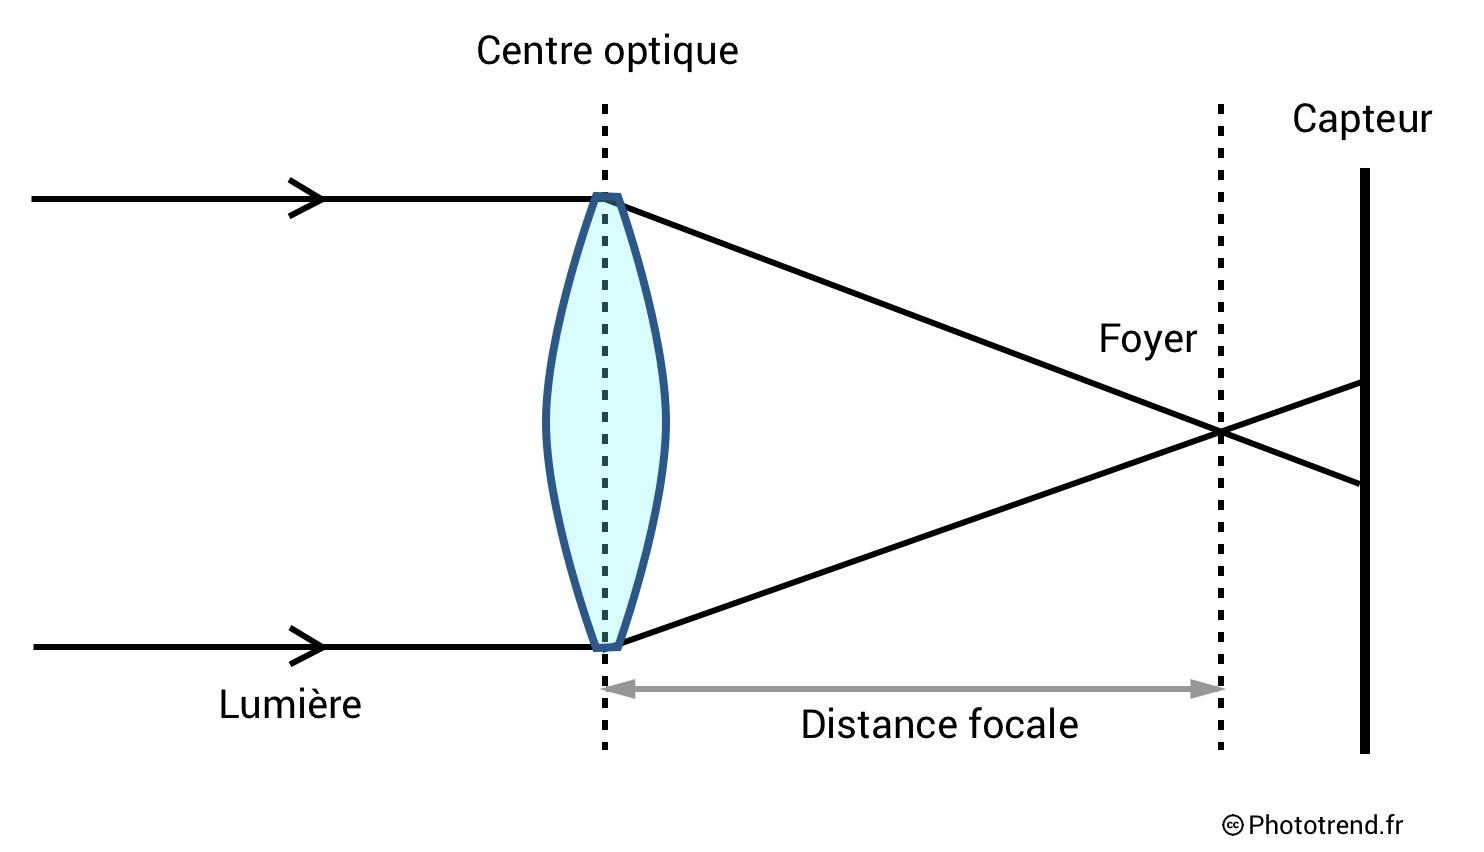 Schéma expliquant la distance focale